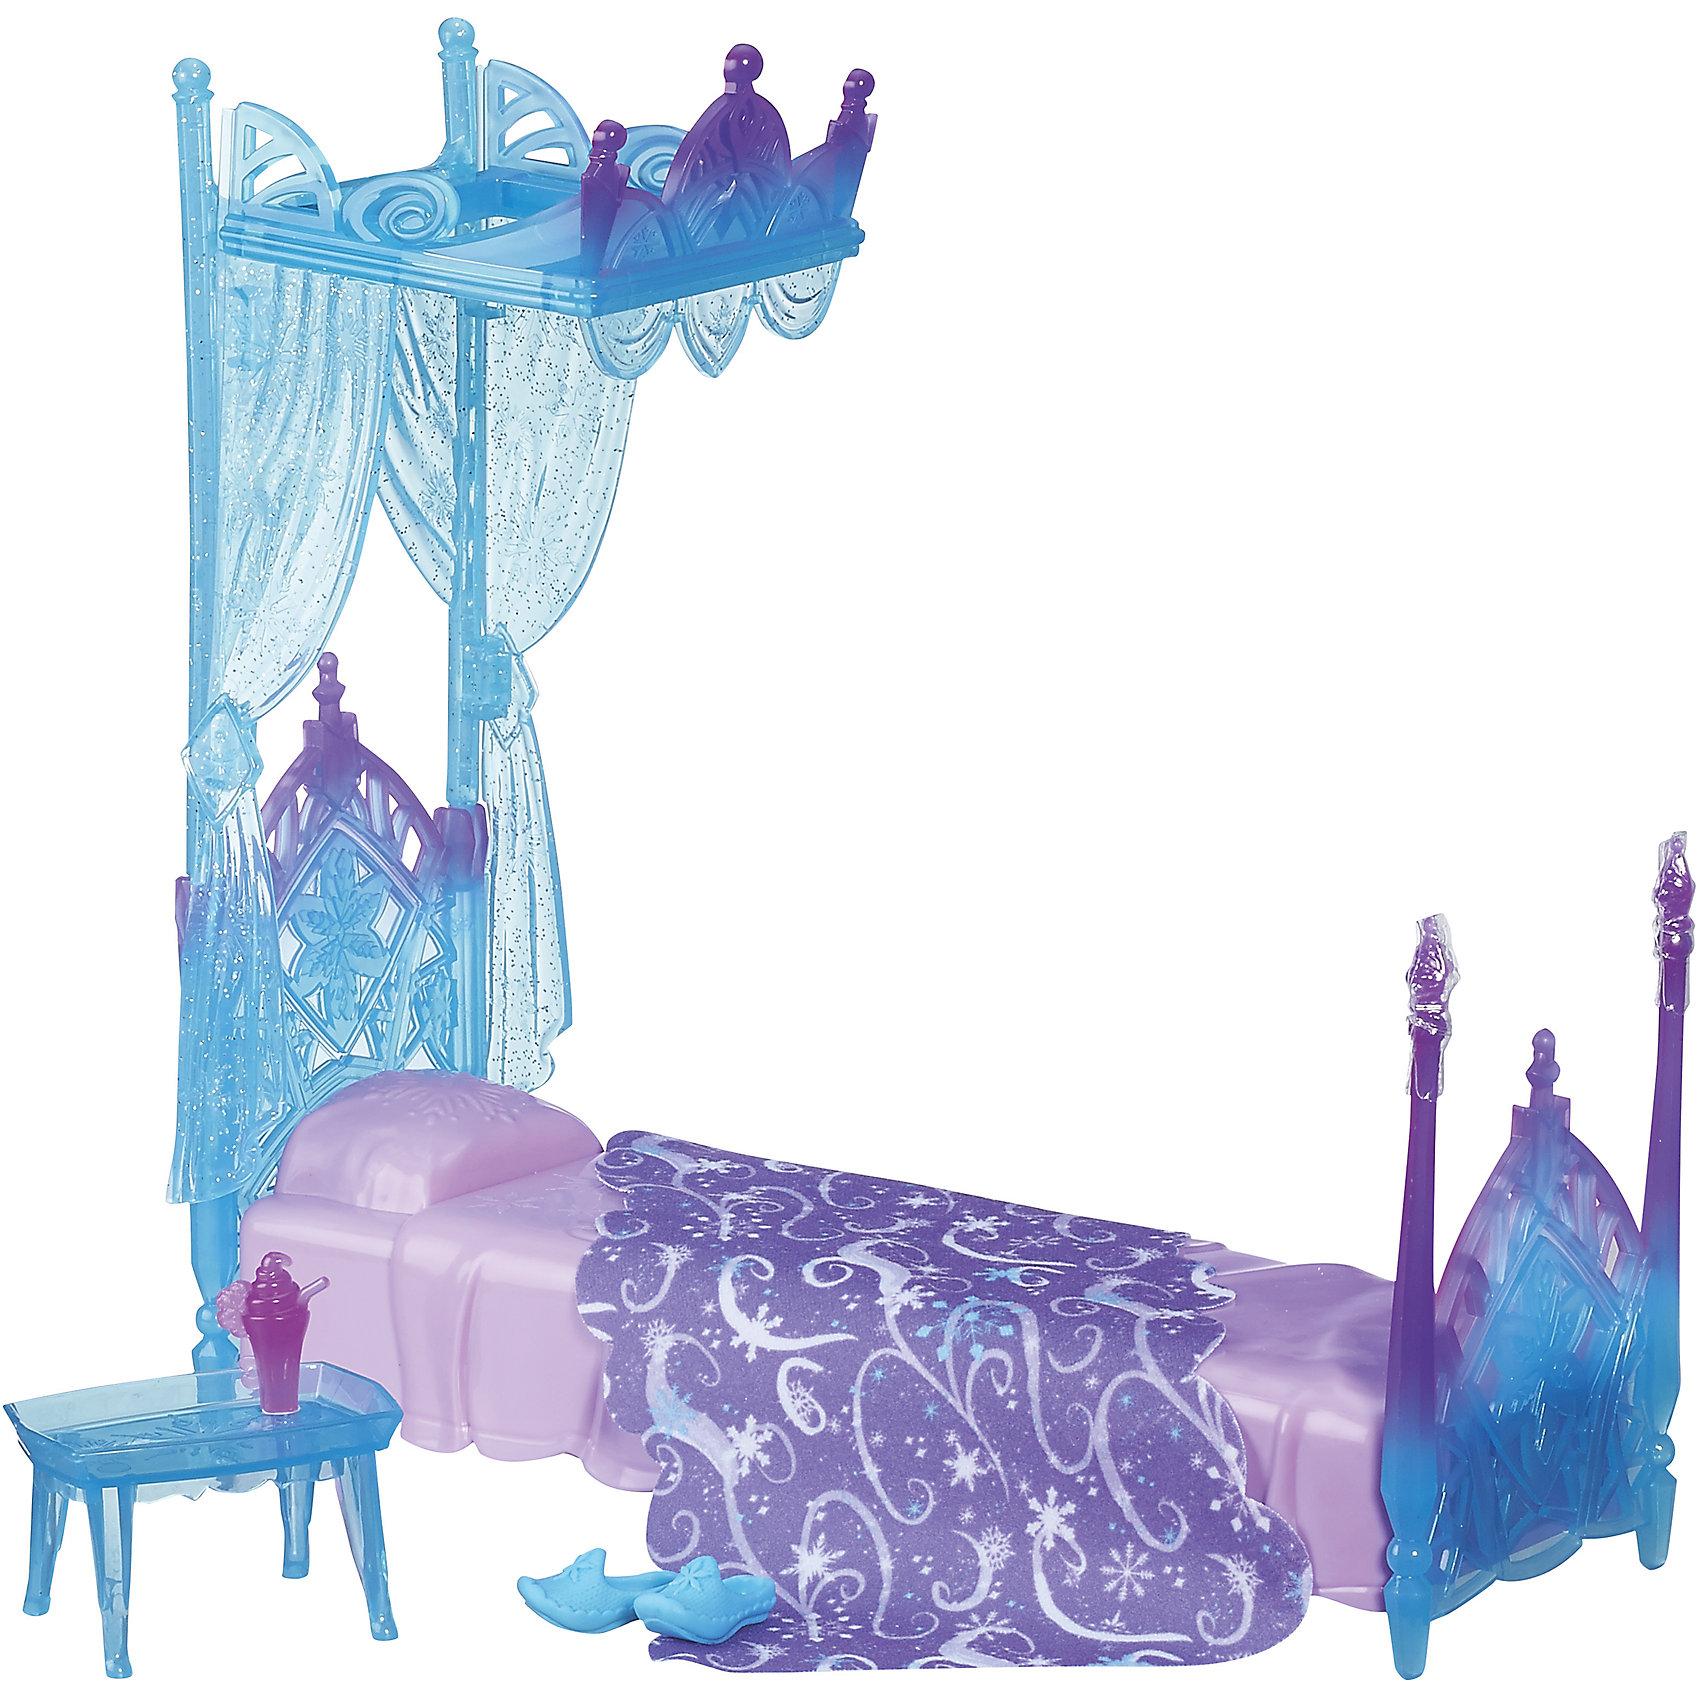 Игровой набор Кровать Эльзы, Холодное сердце, B5175/B5177Игрушки<br>Игровой набор Кровать Эльзы, Холодное сердце, B5175/B5177.<br><br>Характеристики:<br><br>- В наборе: кровать с балдахином, мягкое одеяло, несколько пластиковых аксессуаров, включая поднос, тарелку с печеньем, чашку какао и тапочки<br>- Кукла в набор не входит<br>- Материал: высококачественная пластмасса, текстиль<br>- Размер упаковки: 10,2х30,5х25,4 см.<br>- Вес: 721 гр.<br><br>Набор Кровать Эльзы от торговой марки Hasbro (Хасбро) станет отличным подарком для вашей девочки. Комплект состоит из большой односпальной кровати, мягкого пледа, маленького столика, тапочек и закусок. Все элементы набора оформлены в стиле диснеевского мультфильма Холодное сердце. Ледяная кровать дополнена высоким балдахином с полупрозрачными шторками. Мягкий плед украшен снежными узорами. Все элементы выполнены из качественных нетоксичных материалов.<br><br>Игровой набор Кровать Эльзы, Холодное сердце, B5175/B5177 можно купить в нашем интернет-магазине.<br><br>Ширина мм: 95<br>Глубина мм: 310<br>Высота мм: 1700<br>Вес г: 740<br>Возраст от месяцев: 36<br>Возраст до месяцев: 72<br>Пол: Женский<br>Возраст: Детский<br>SKU: 5064694